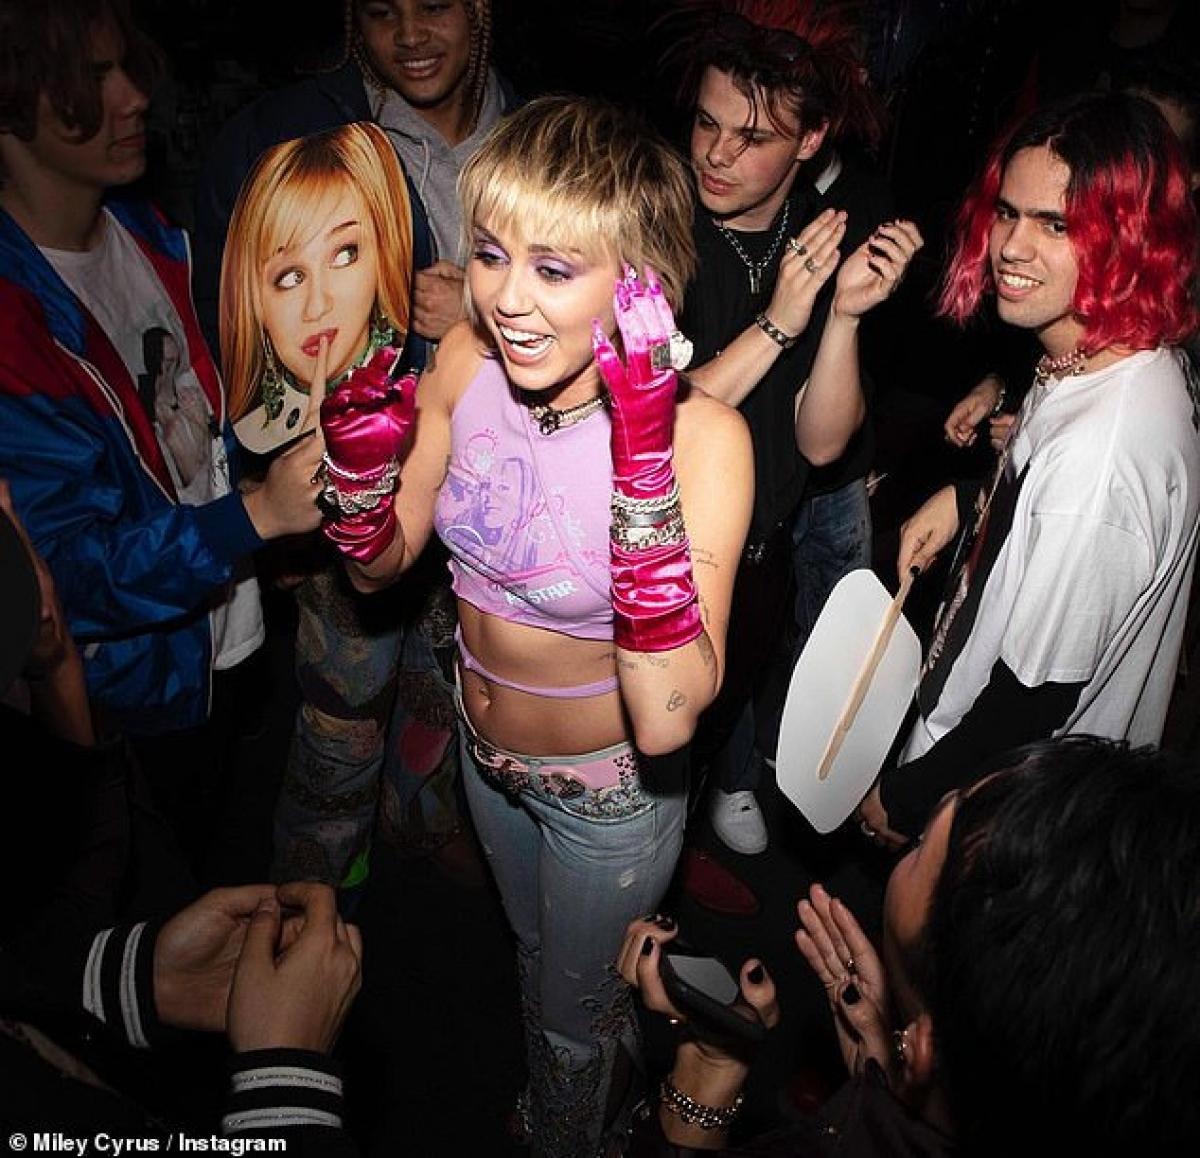 Tuy nhiên, vào ngày 27/3, Miley Cyrus đã phủ nhận với People.